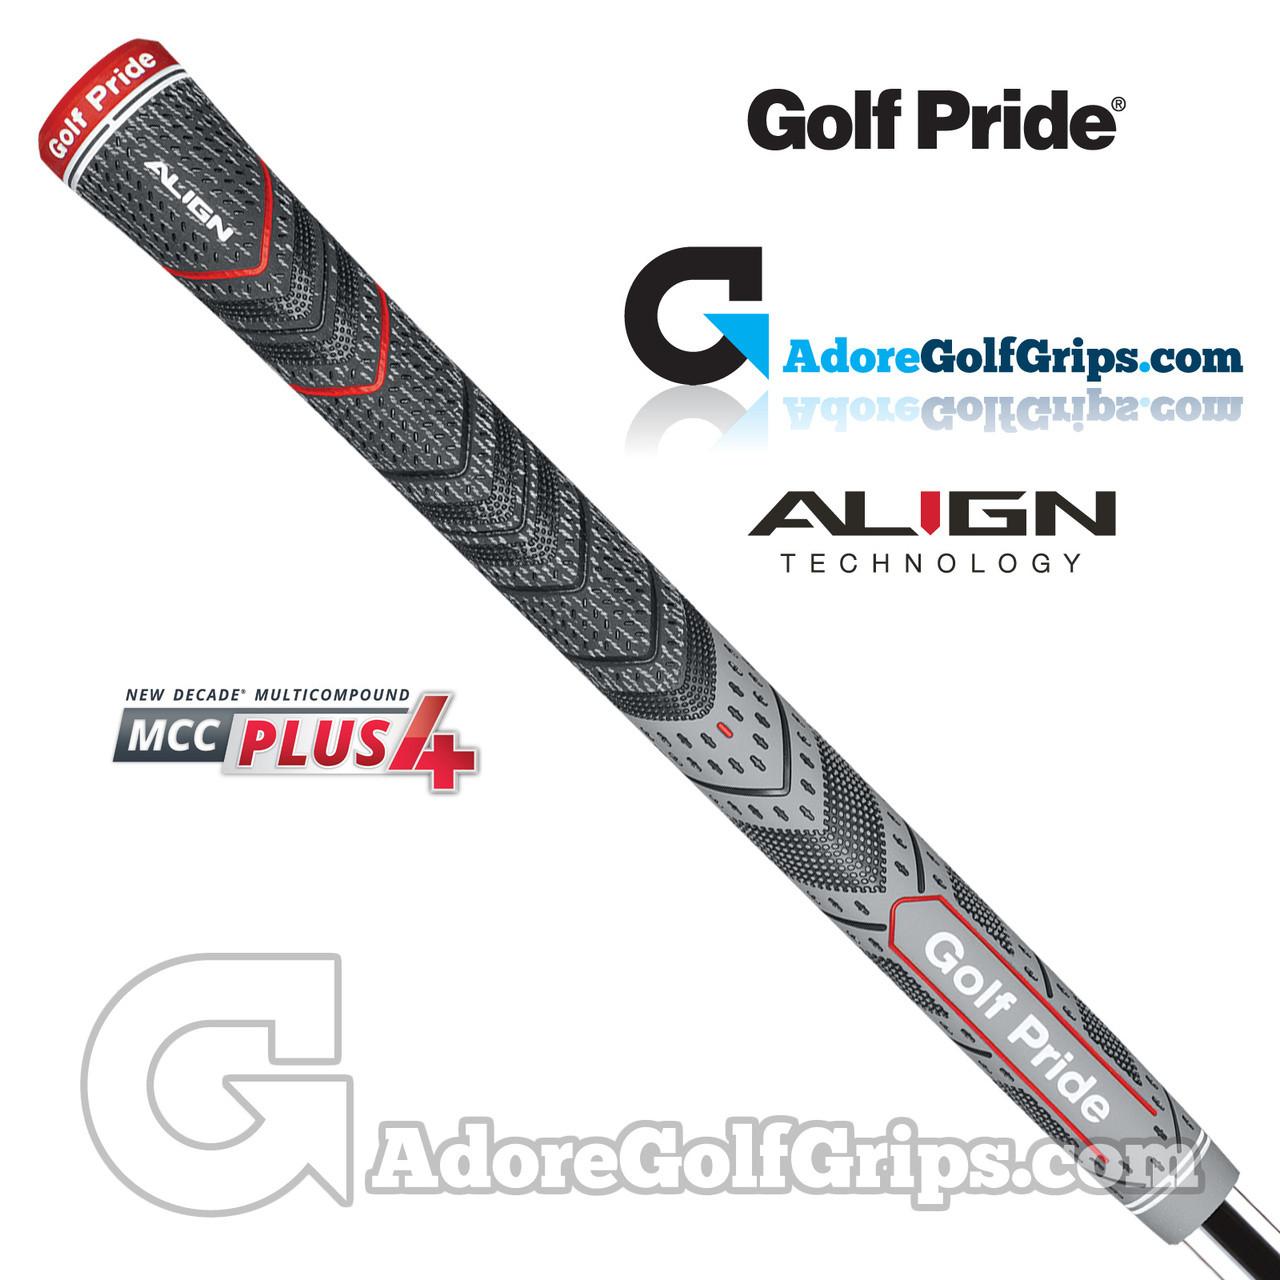 b8a806876556e Golf Pride New Decade Multi Compound MCC Plus 4 Align Grips - Black   Grey   . Loading zoom